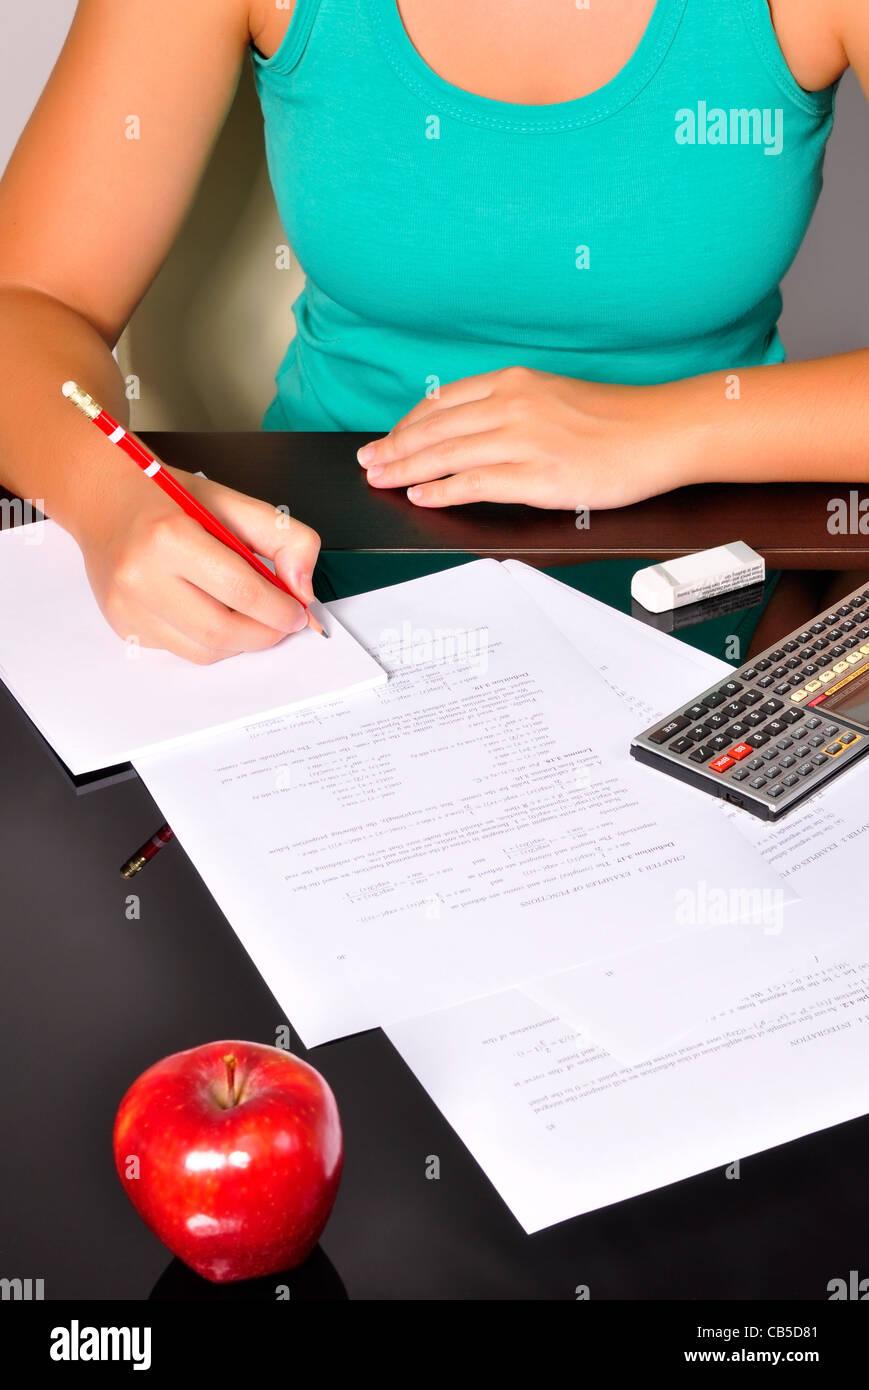 Studente facendo esercizi di matematica con una calcolatrice e una matita rossa. Immagini Stock